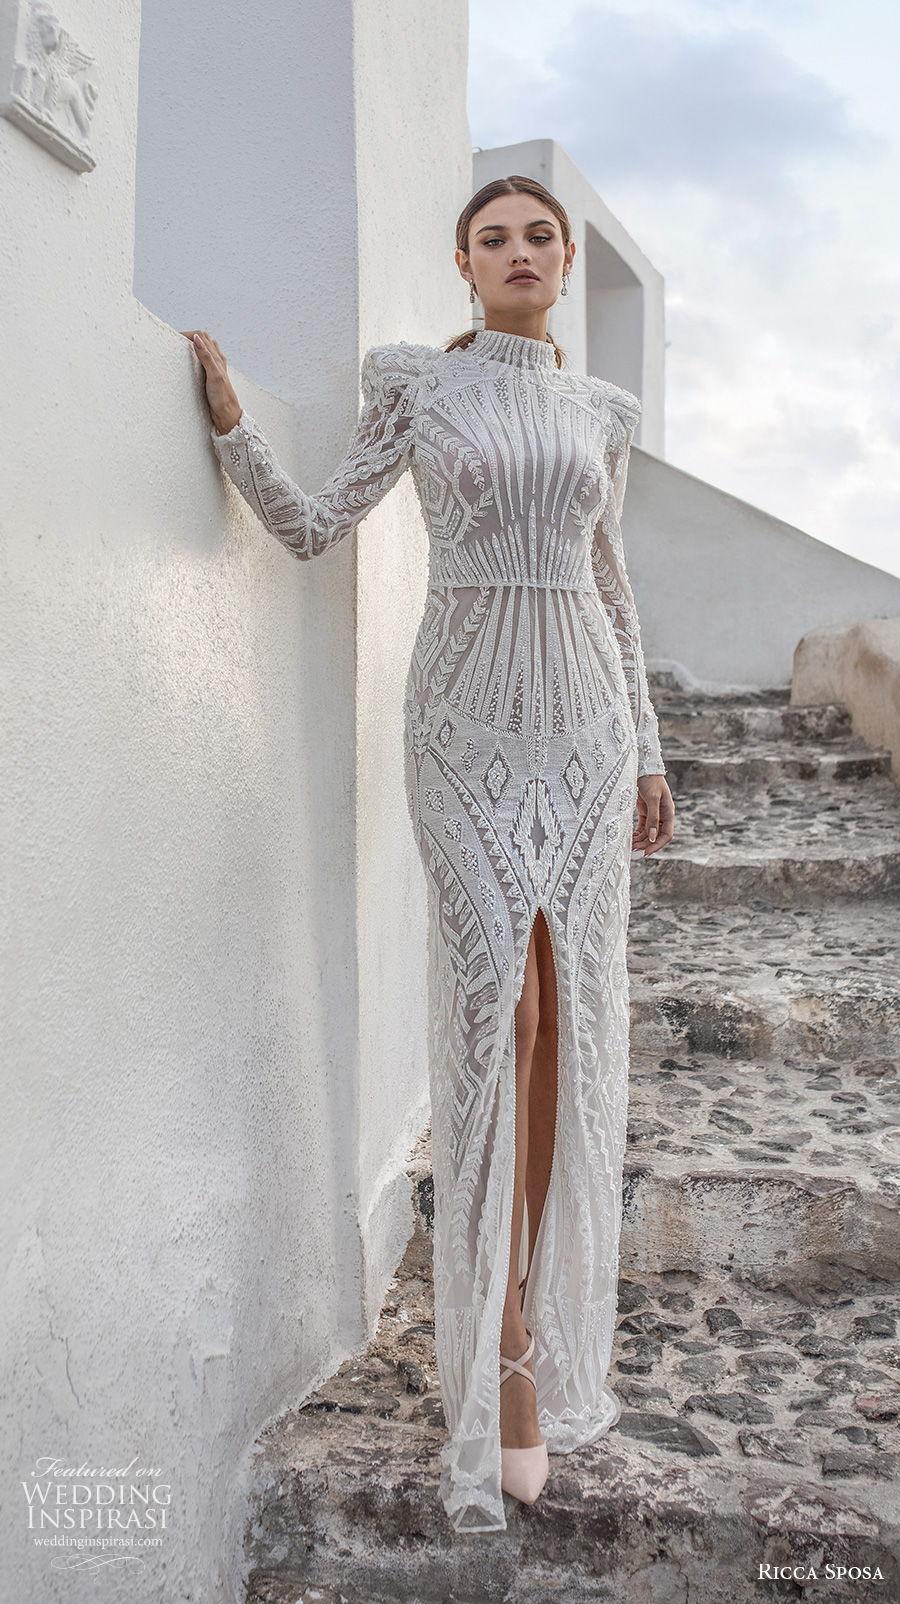 ricca sposa 2021 bridal long sleeves high neck full embellishment slit skirt elegant glamorous sheath wedding dress covered back sweep train (13) mv